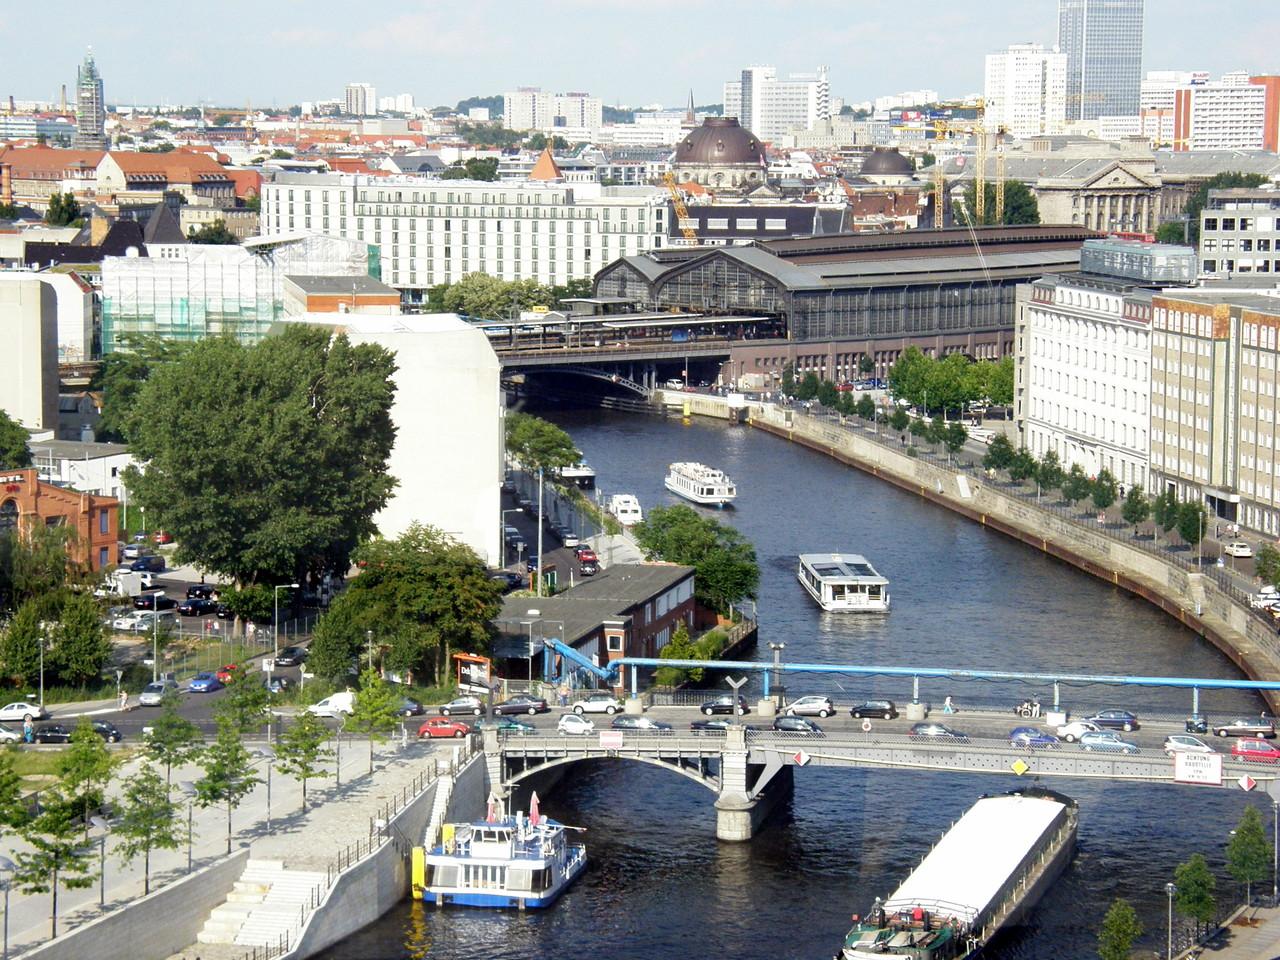 S-Bahn Station Friedrichstrasse, früher ein Grenzübergang.